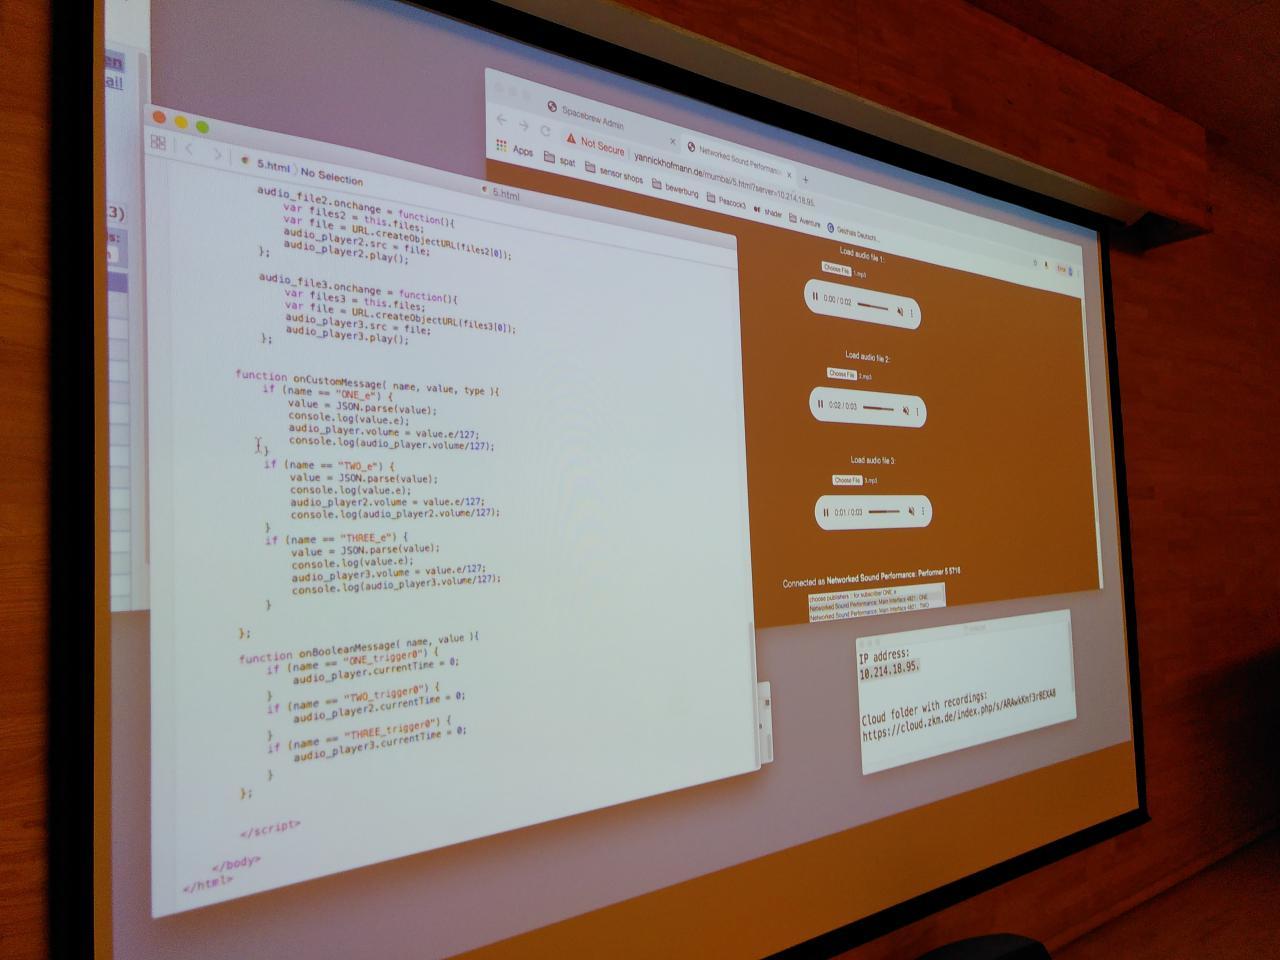 Zu sehen sind Bildschirmprojektionen auf einer Leinwand im Rahmen eines Workshops des ZKM im Goethe-Institut in Mumbai.